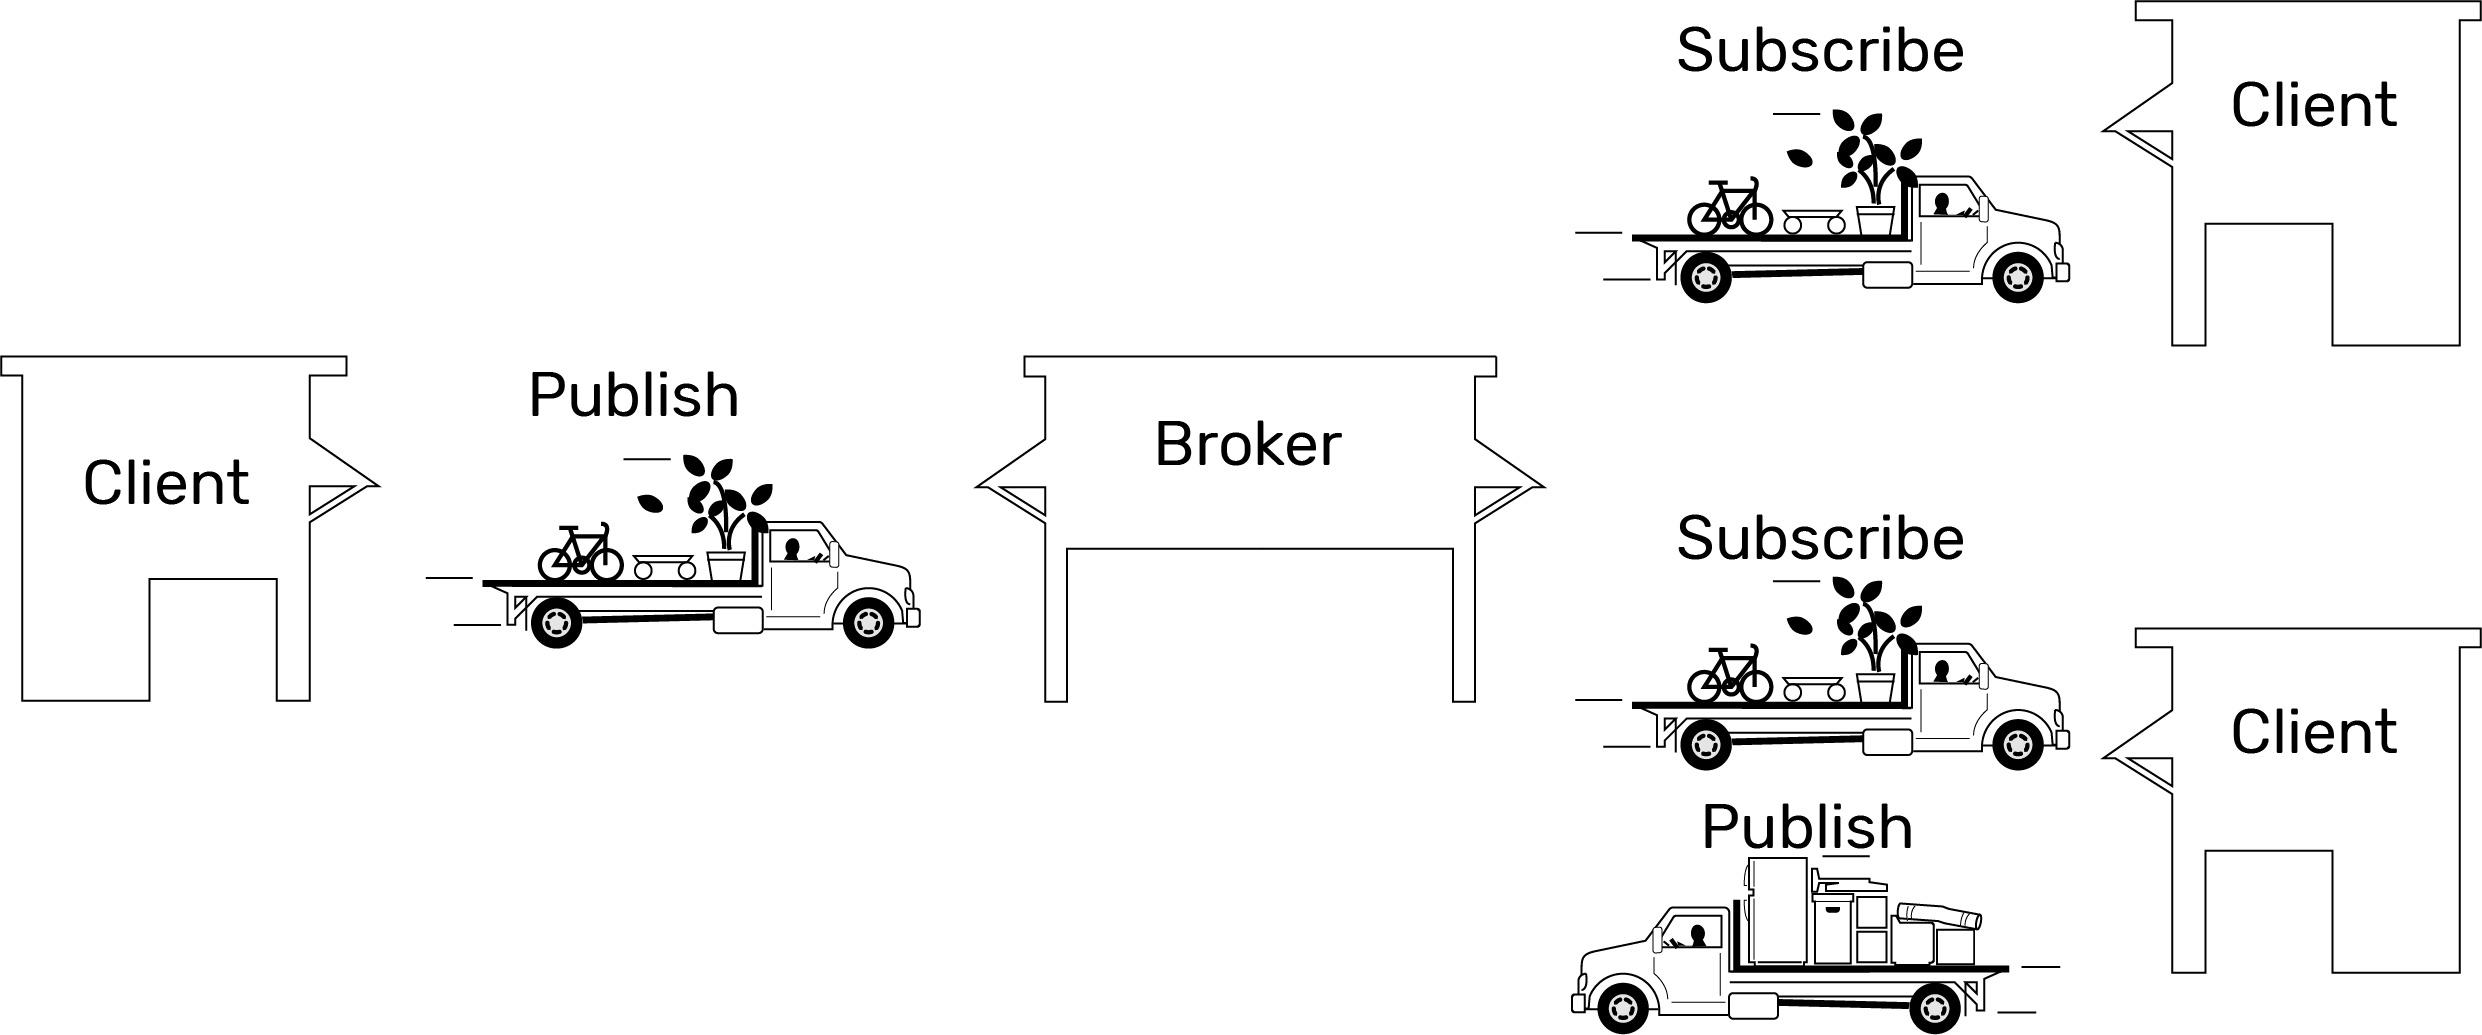 MQTT clients and broker illustration